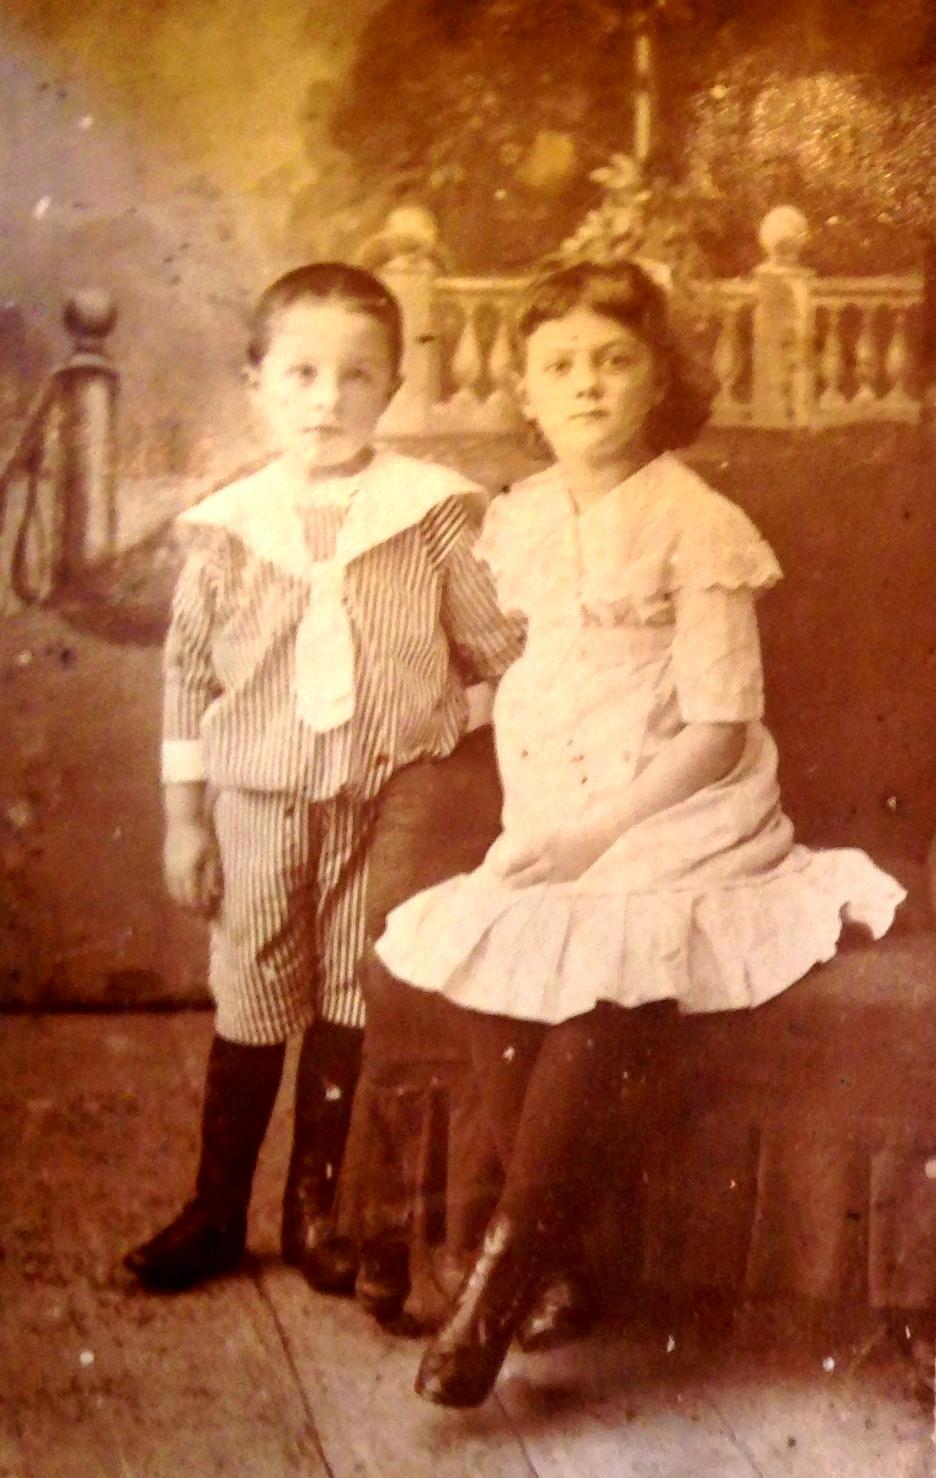 Юра Кадников - 5 лет, Таня Кадникова - 7 лет. г. Чухлома, 1917 год. Фото из семейного архива правнучки Е.Ю.Черкасовой.